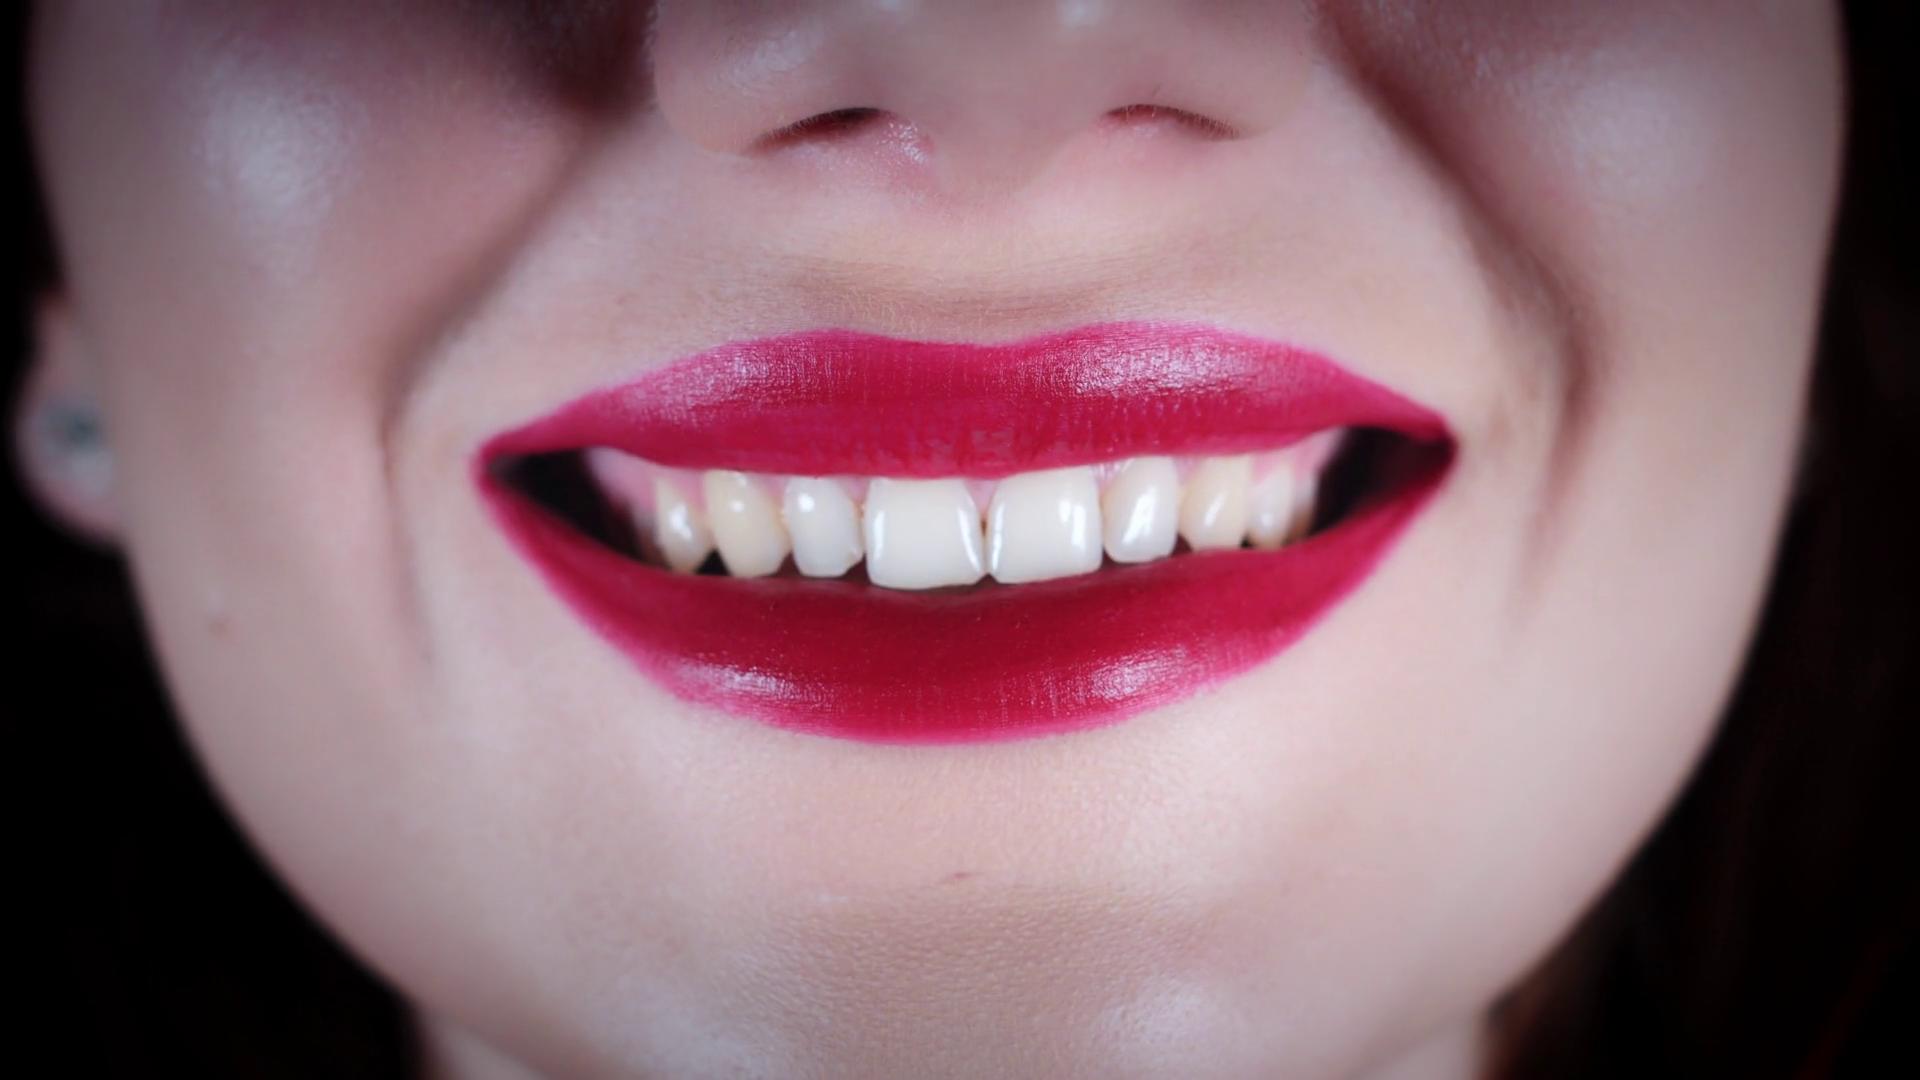 Teeth Smile PNG HD - 148068